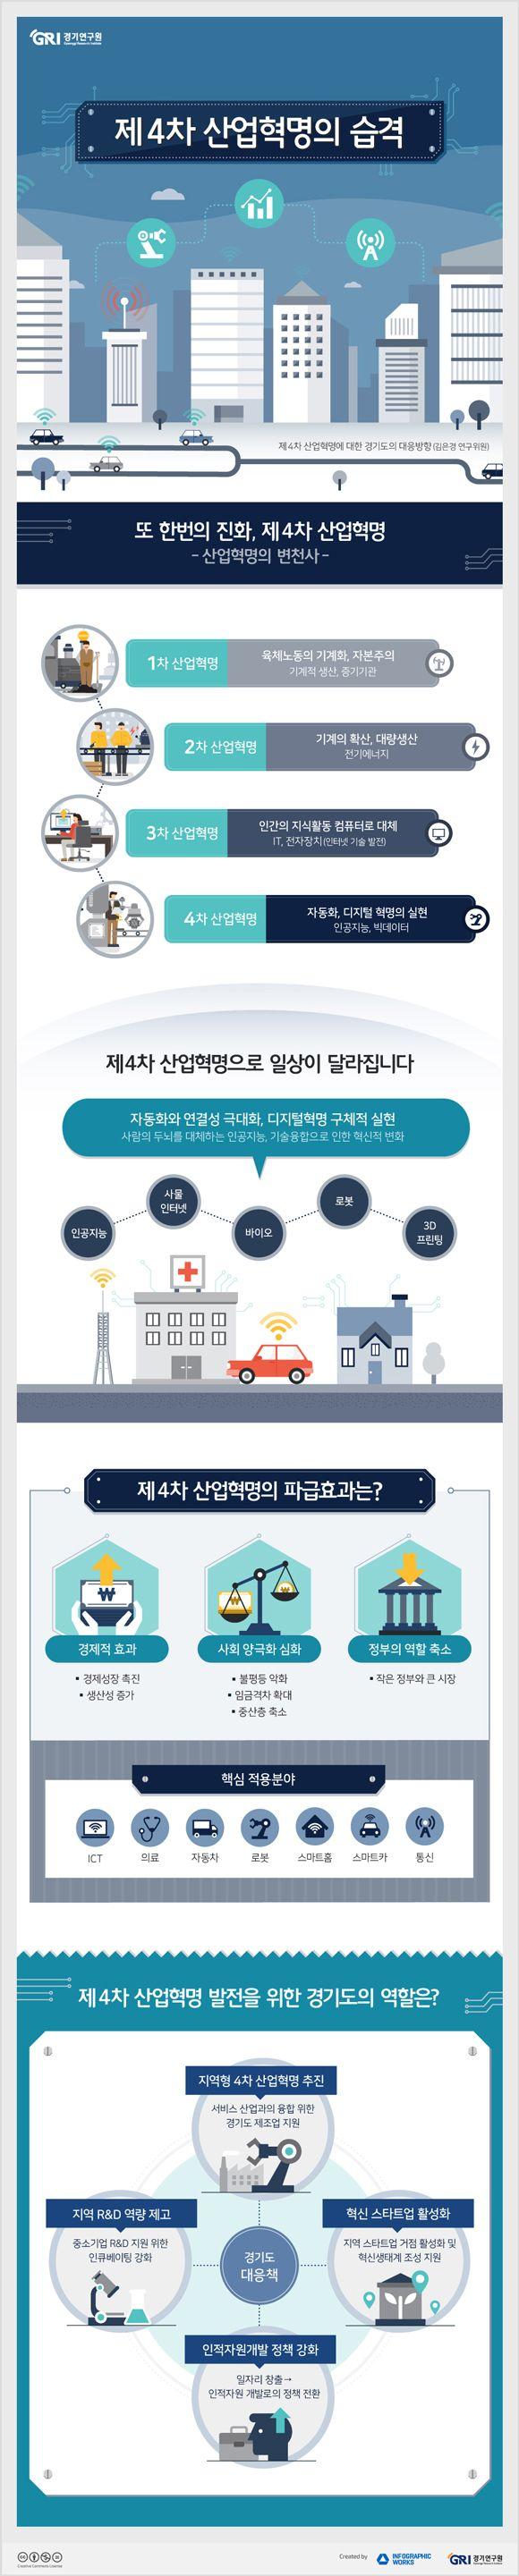 [infographic]'제4차 산업혁명의 습격'에 대한 인포그래픽